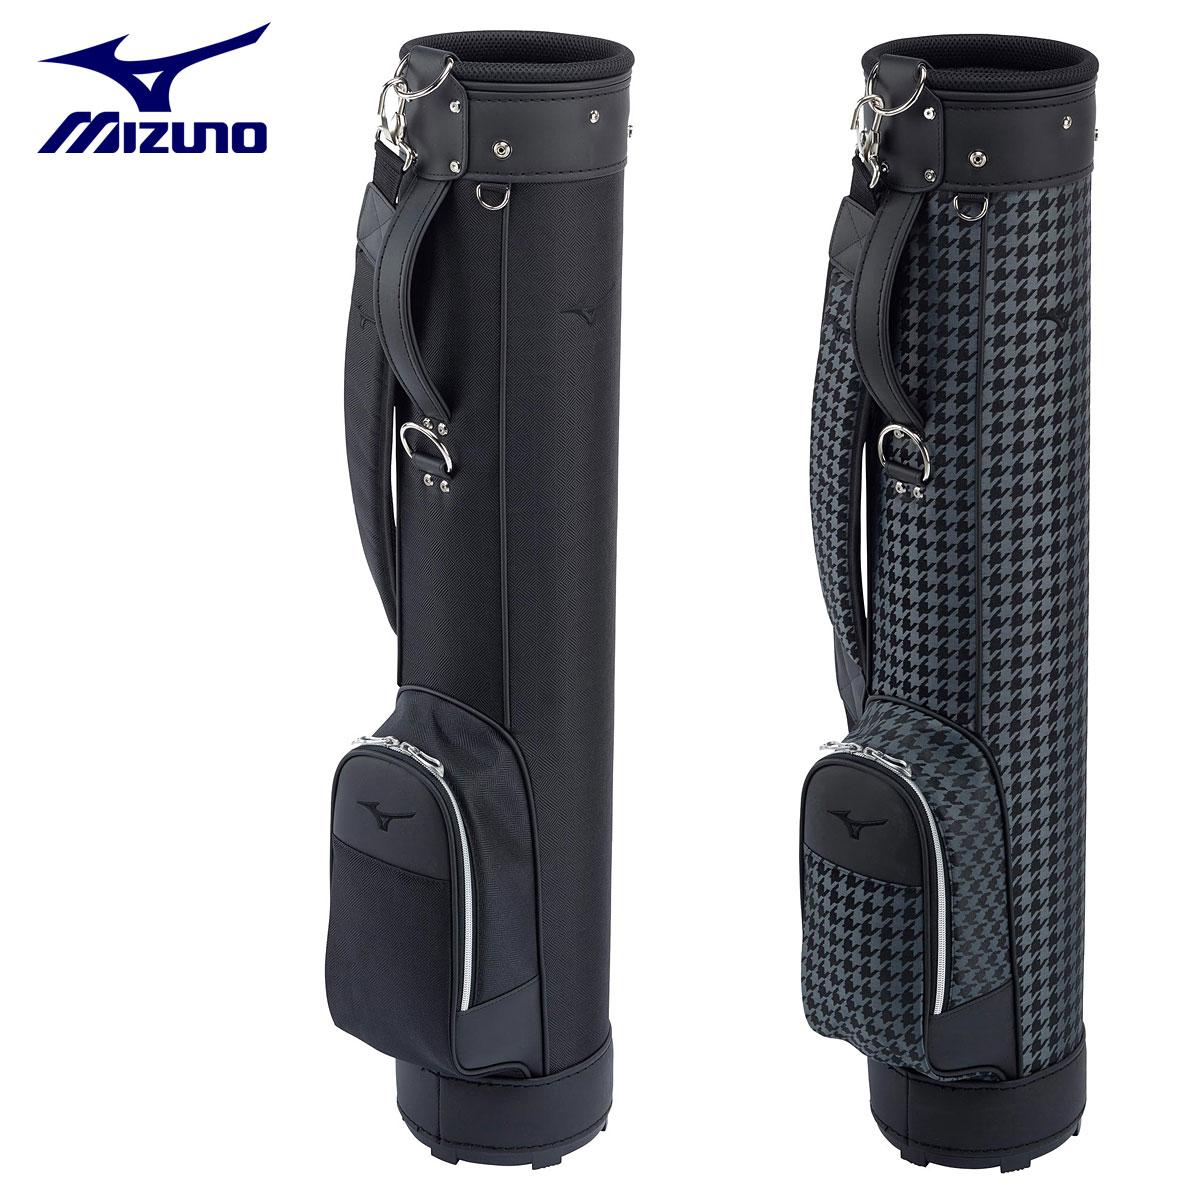 即納 国産品 MIZUNO ミズノ 日本正規品 Half bag 5LJC203100 あす楽対応 ハーフバッグ お得なキャンペーンを実施中 2020モデル キャディバッグ 7.0型